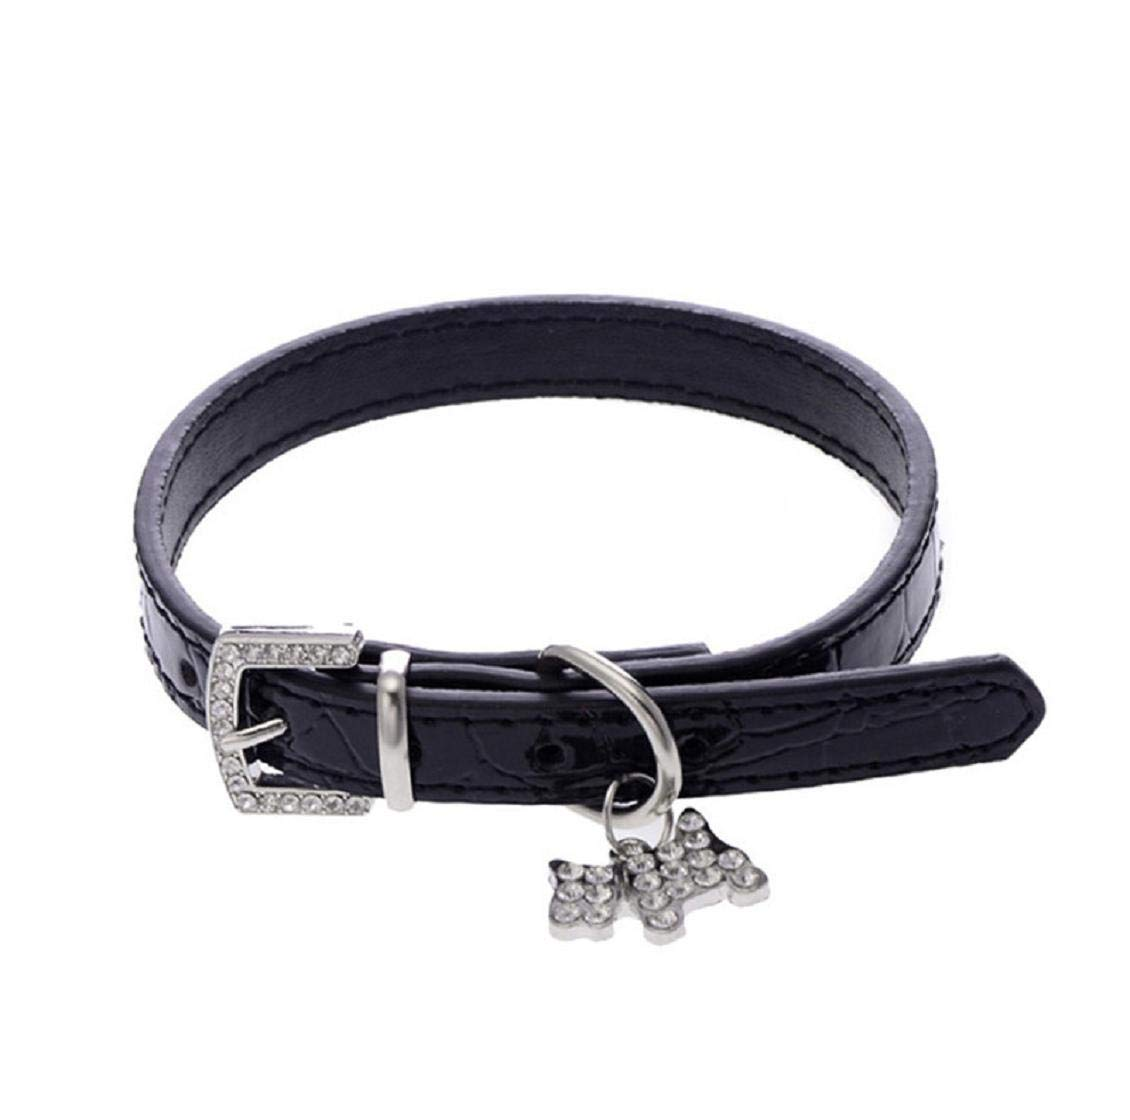 Collier de Collier Tour de Cou pour Chiot Chat avec Motif de Crocodile Exquis Colliers de Bretelles r/églables pour Chien Barlingrock Colliers de Chiot pour Petit Chien